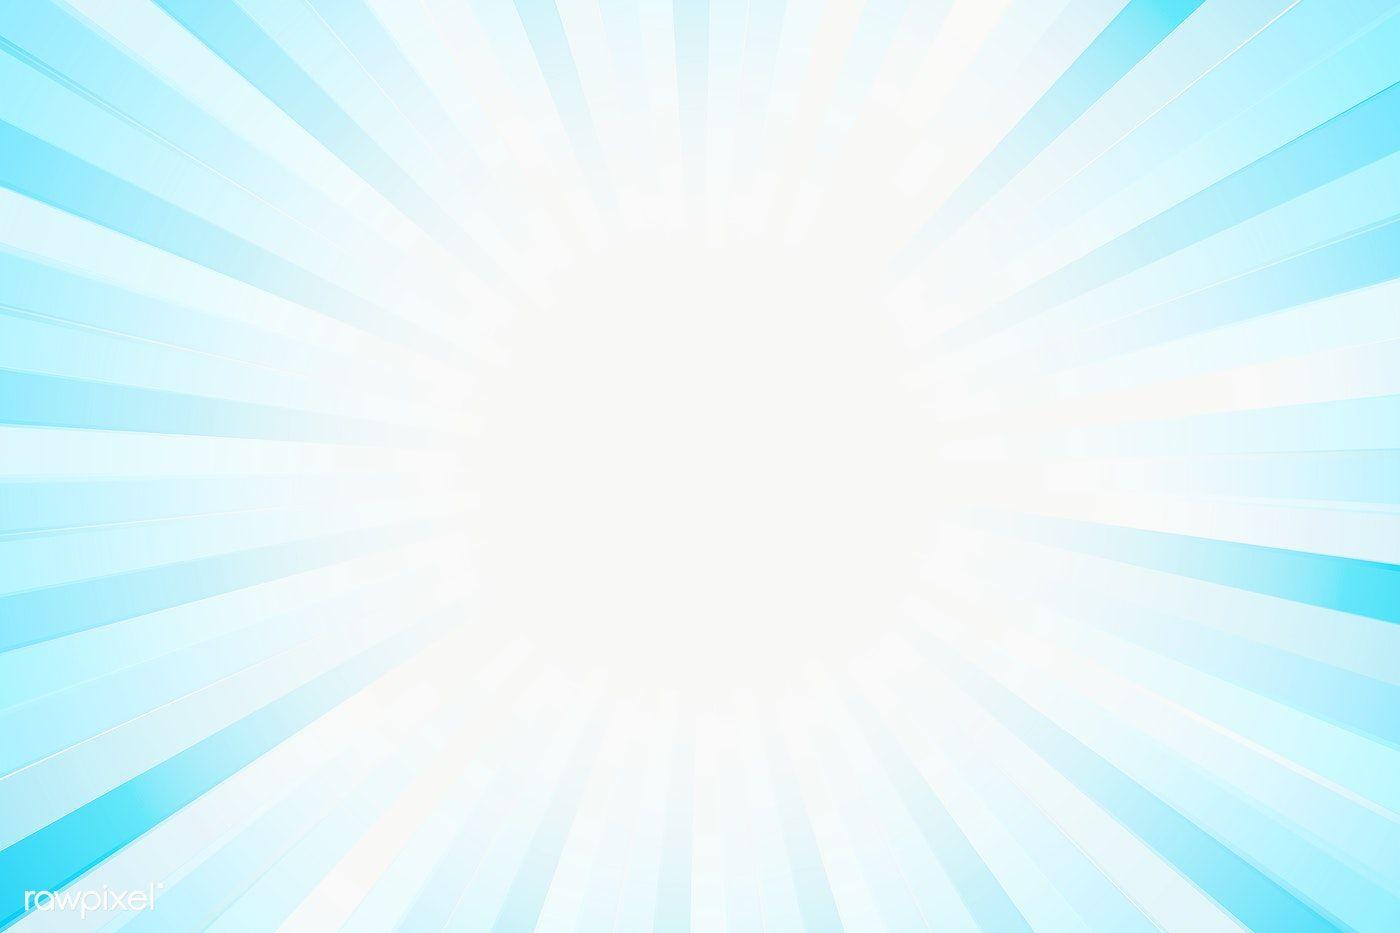 Blue Sunburst Effect Patterned Background Design Element Free Image By Rawpixel Com Mind Background Design Background Patterns Sunburst